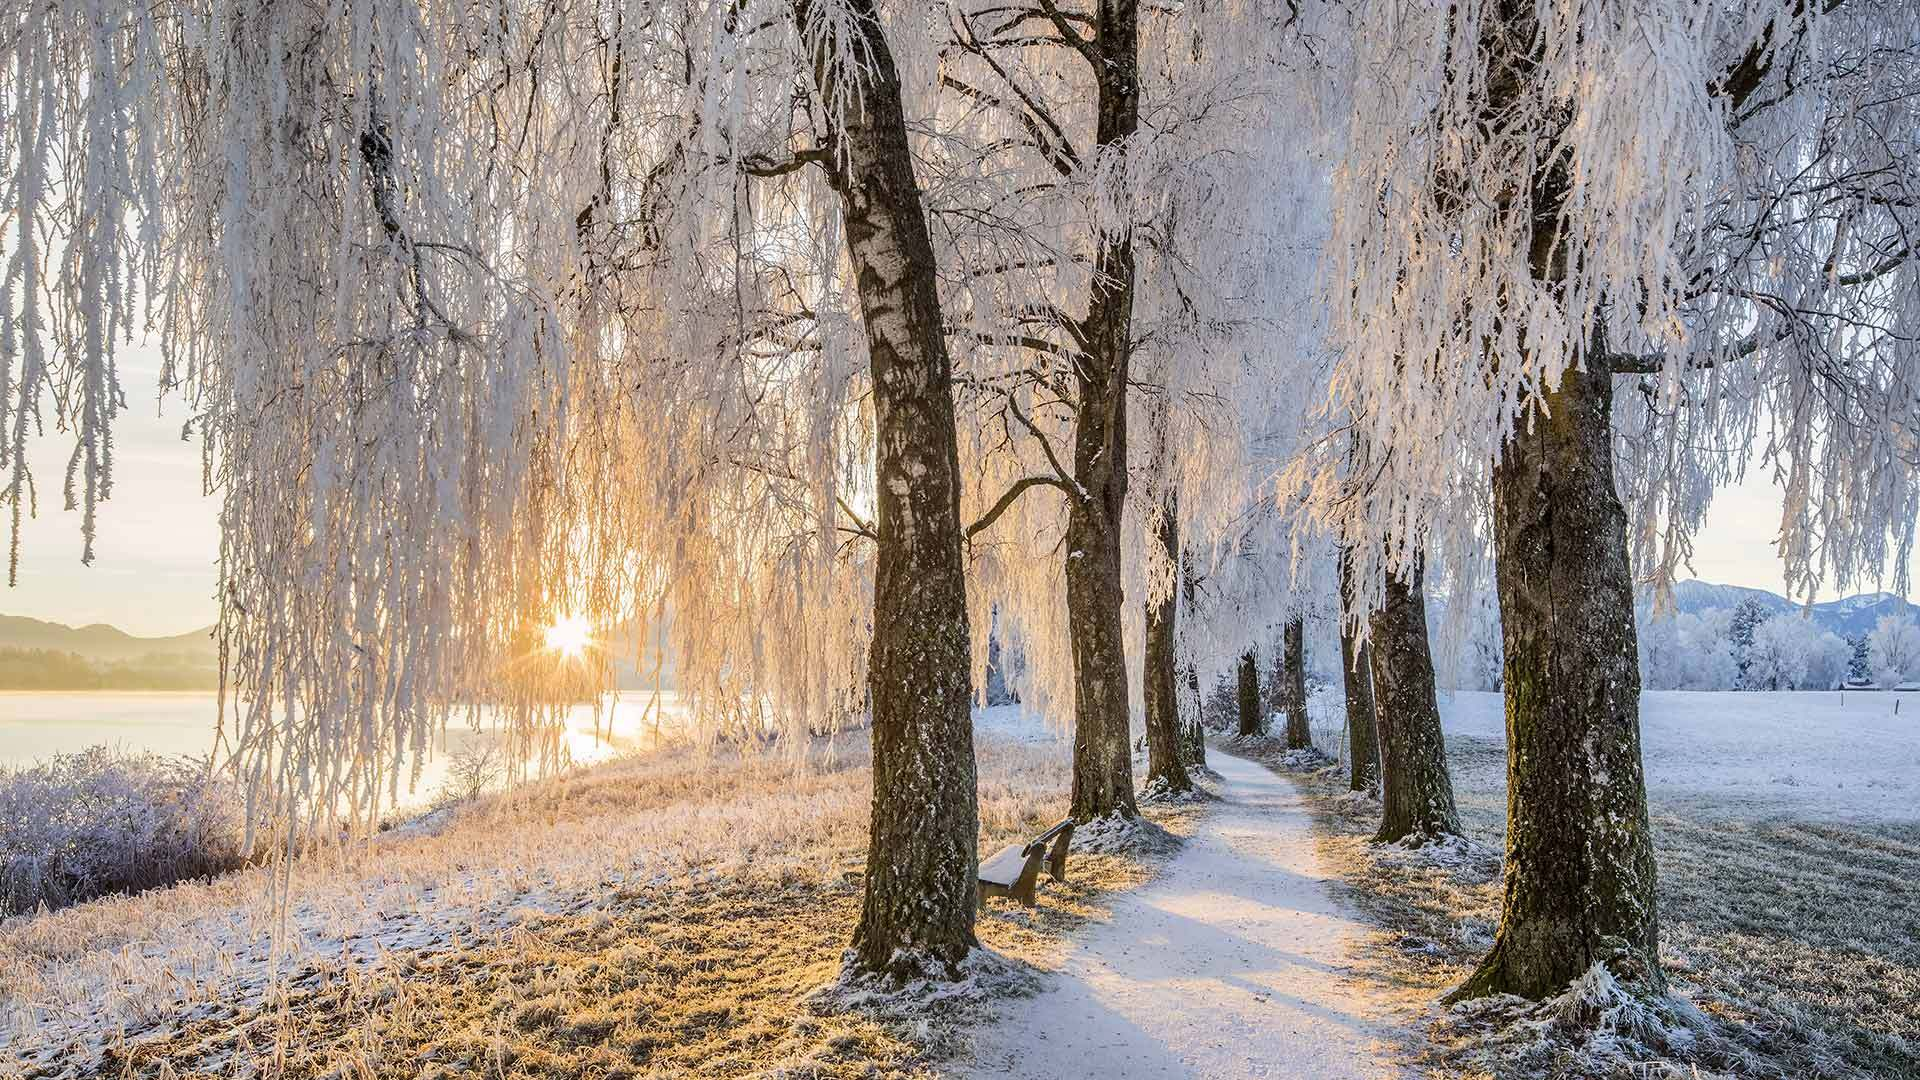 施塔弗尔湖畔乌芬附近的桦树大道桦树大道